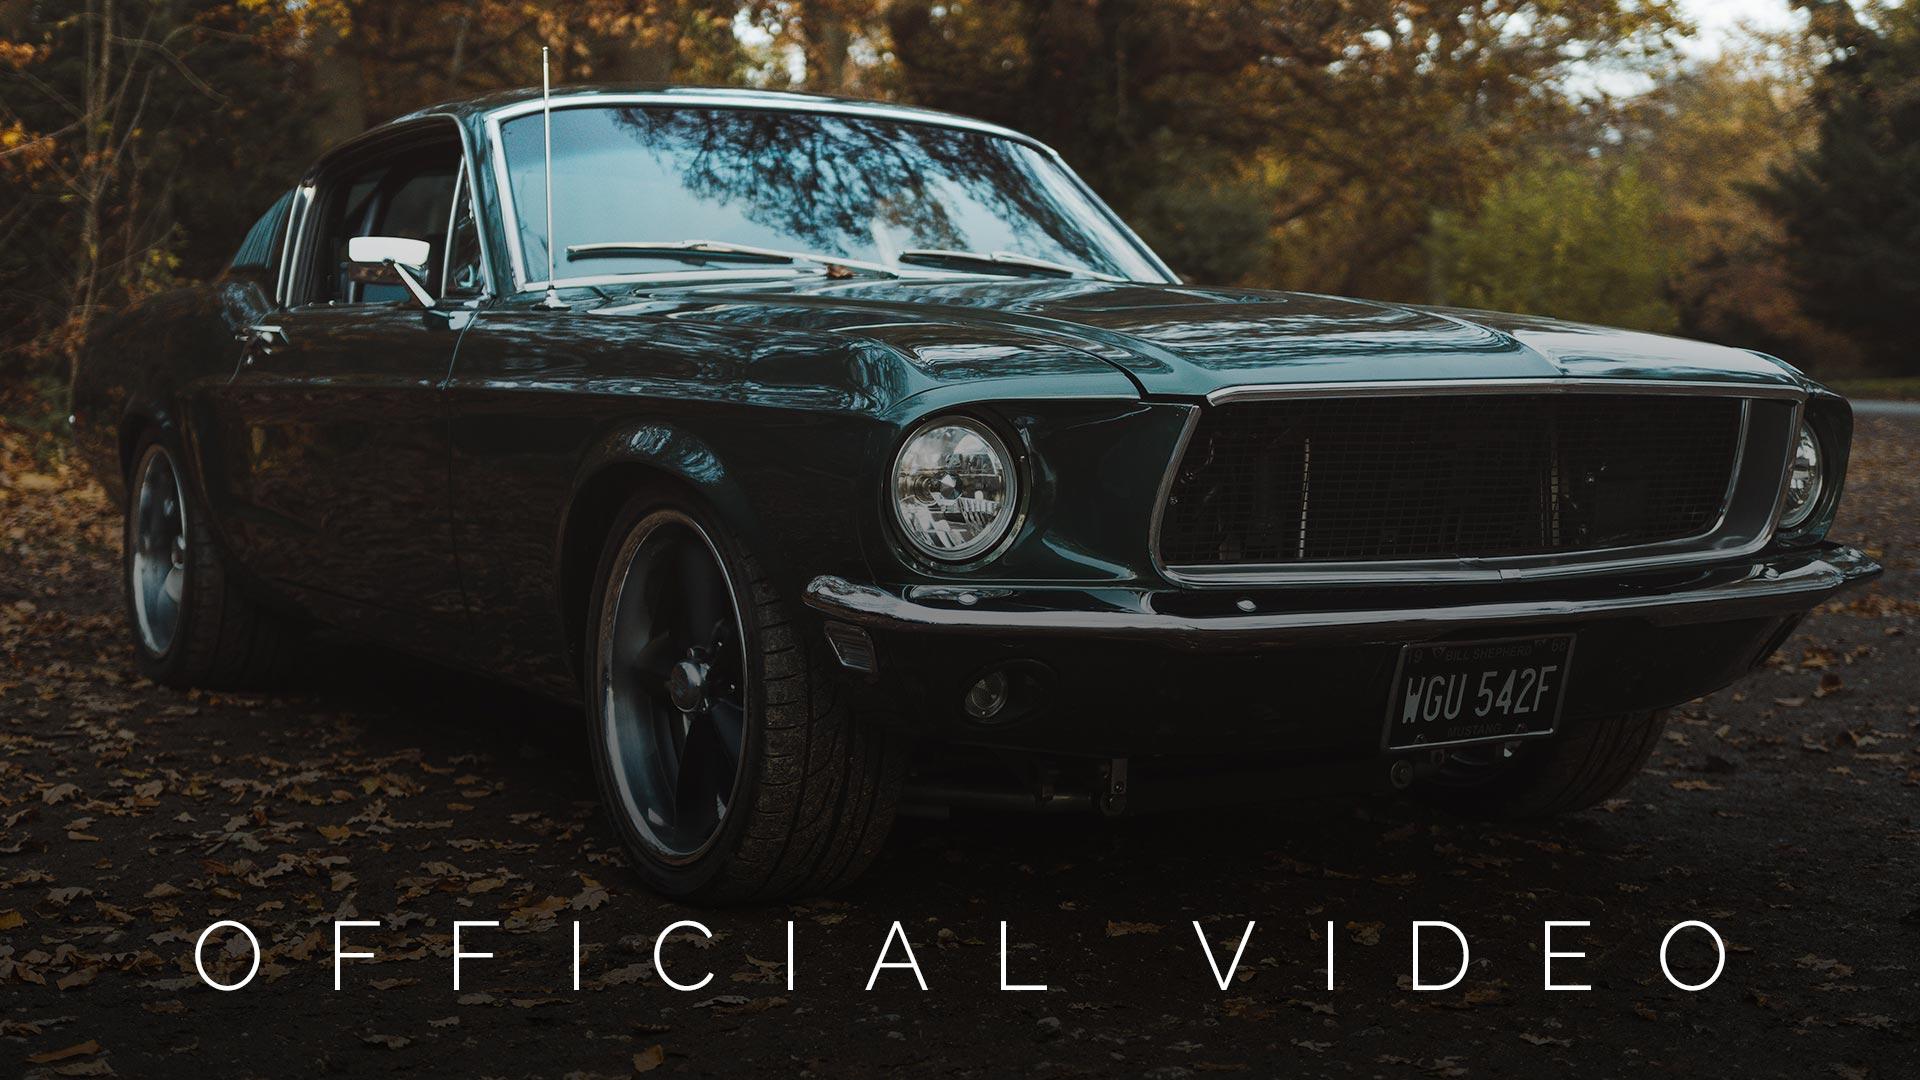 New Classic Mustang Bullitt Car